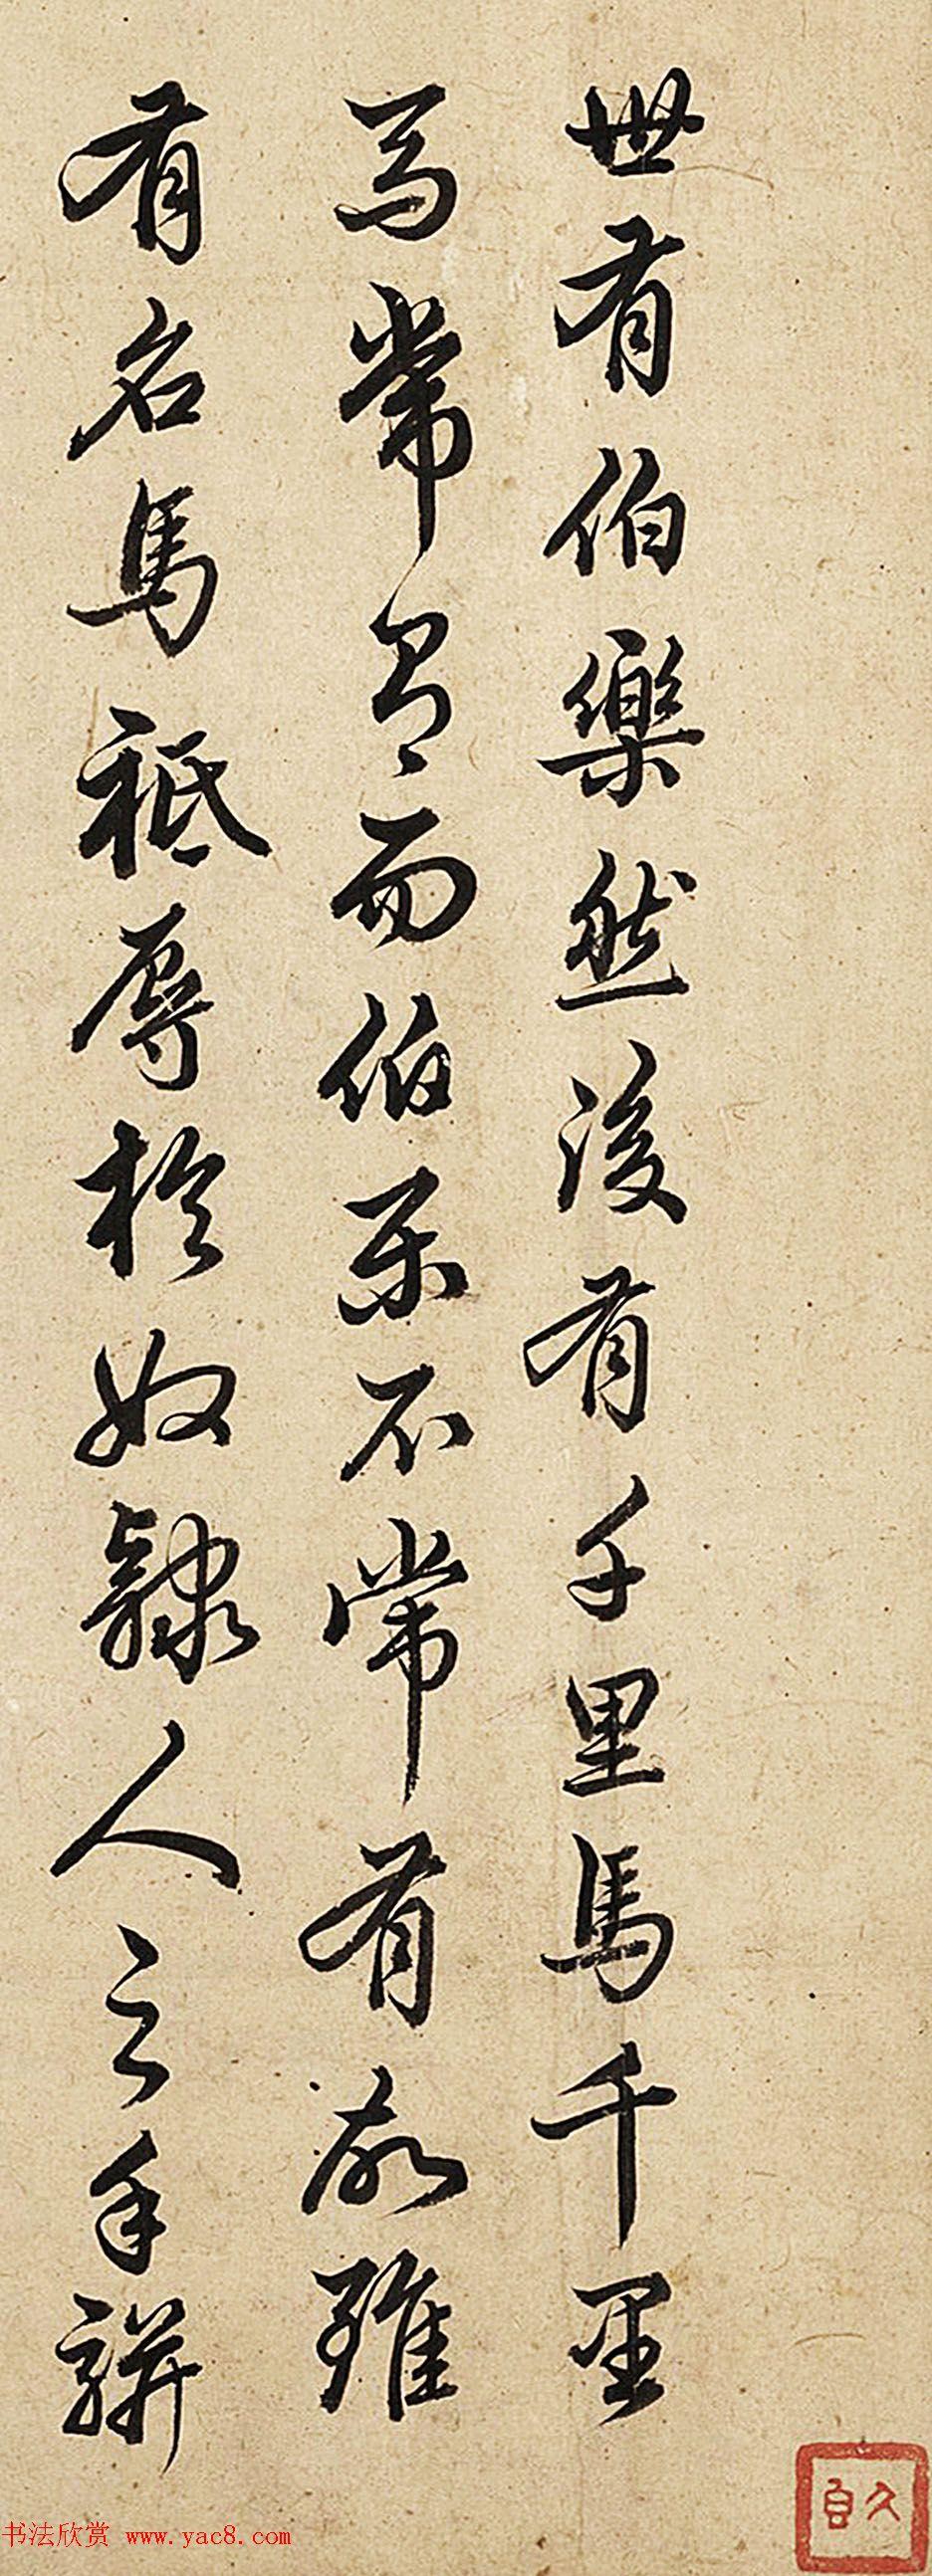 元代著名少数民族书法家康里巎巎行草书法墨迹